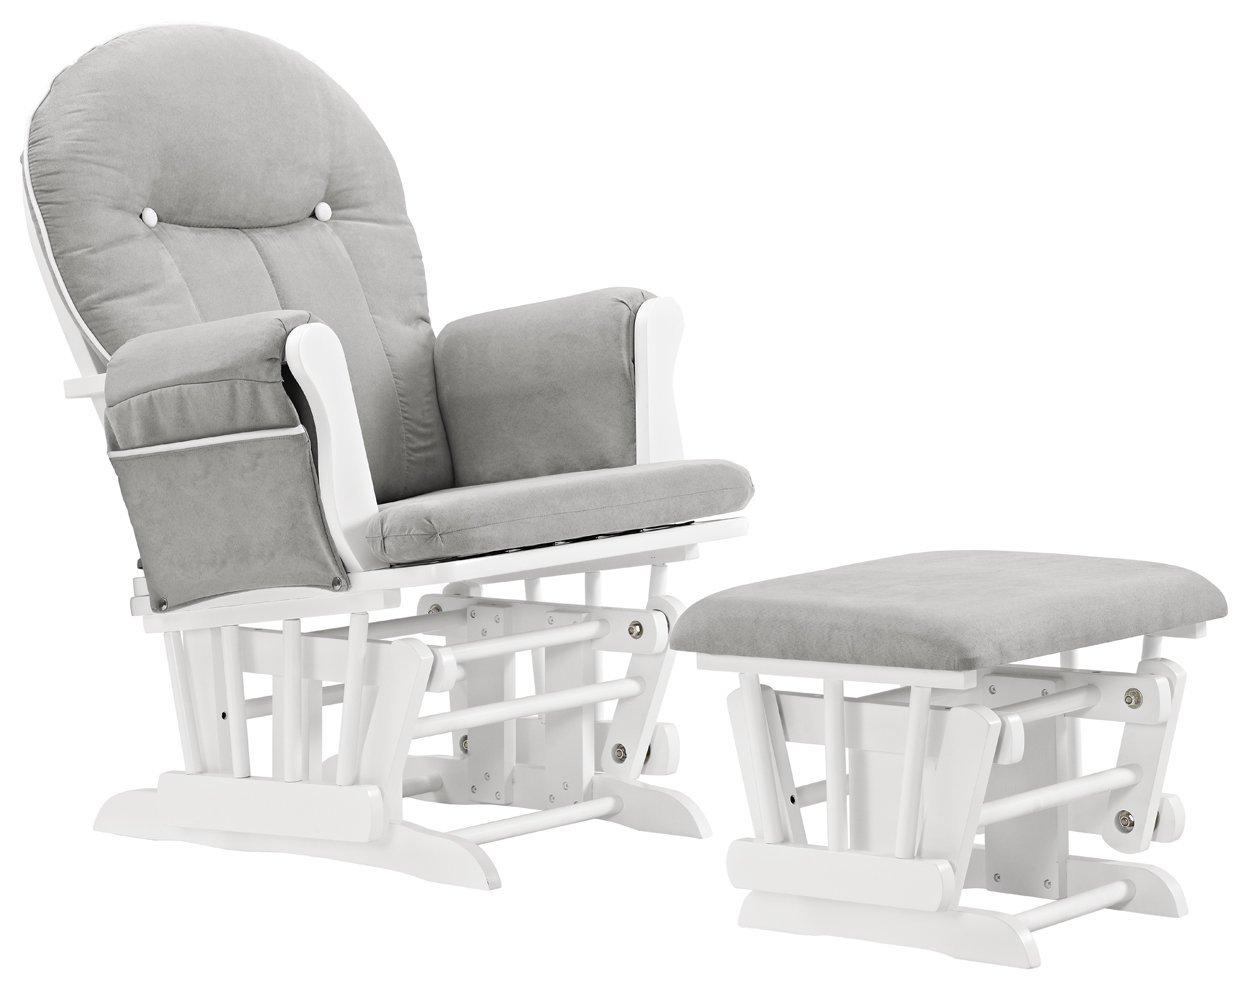 Angel Linie Celine Glider und Ottoman, White/Gray Cushion mit White Piping